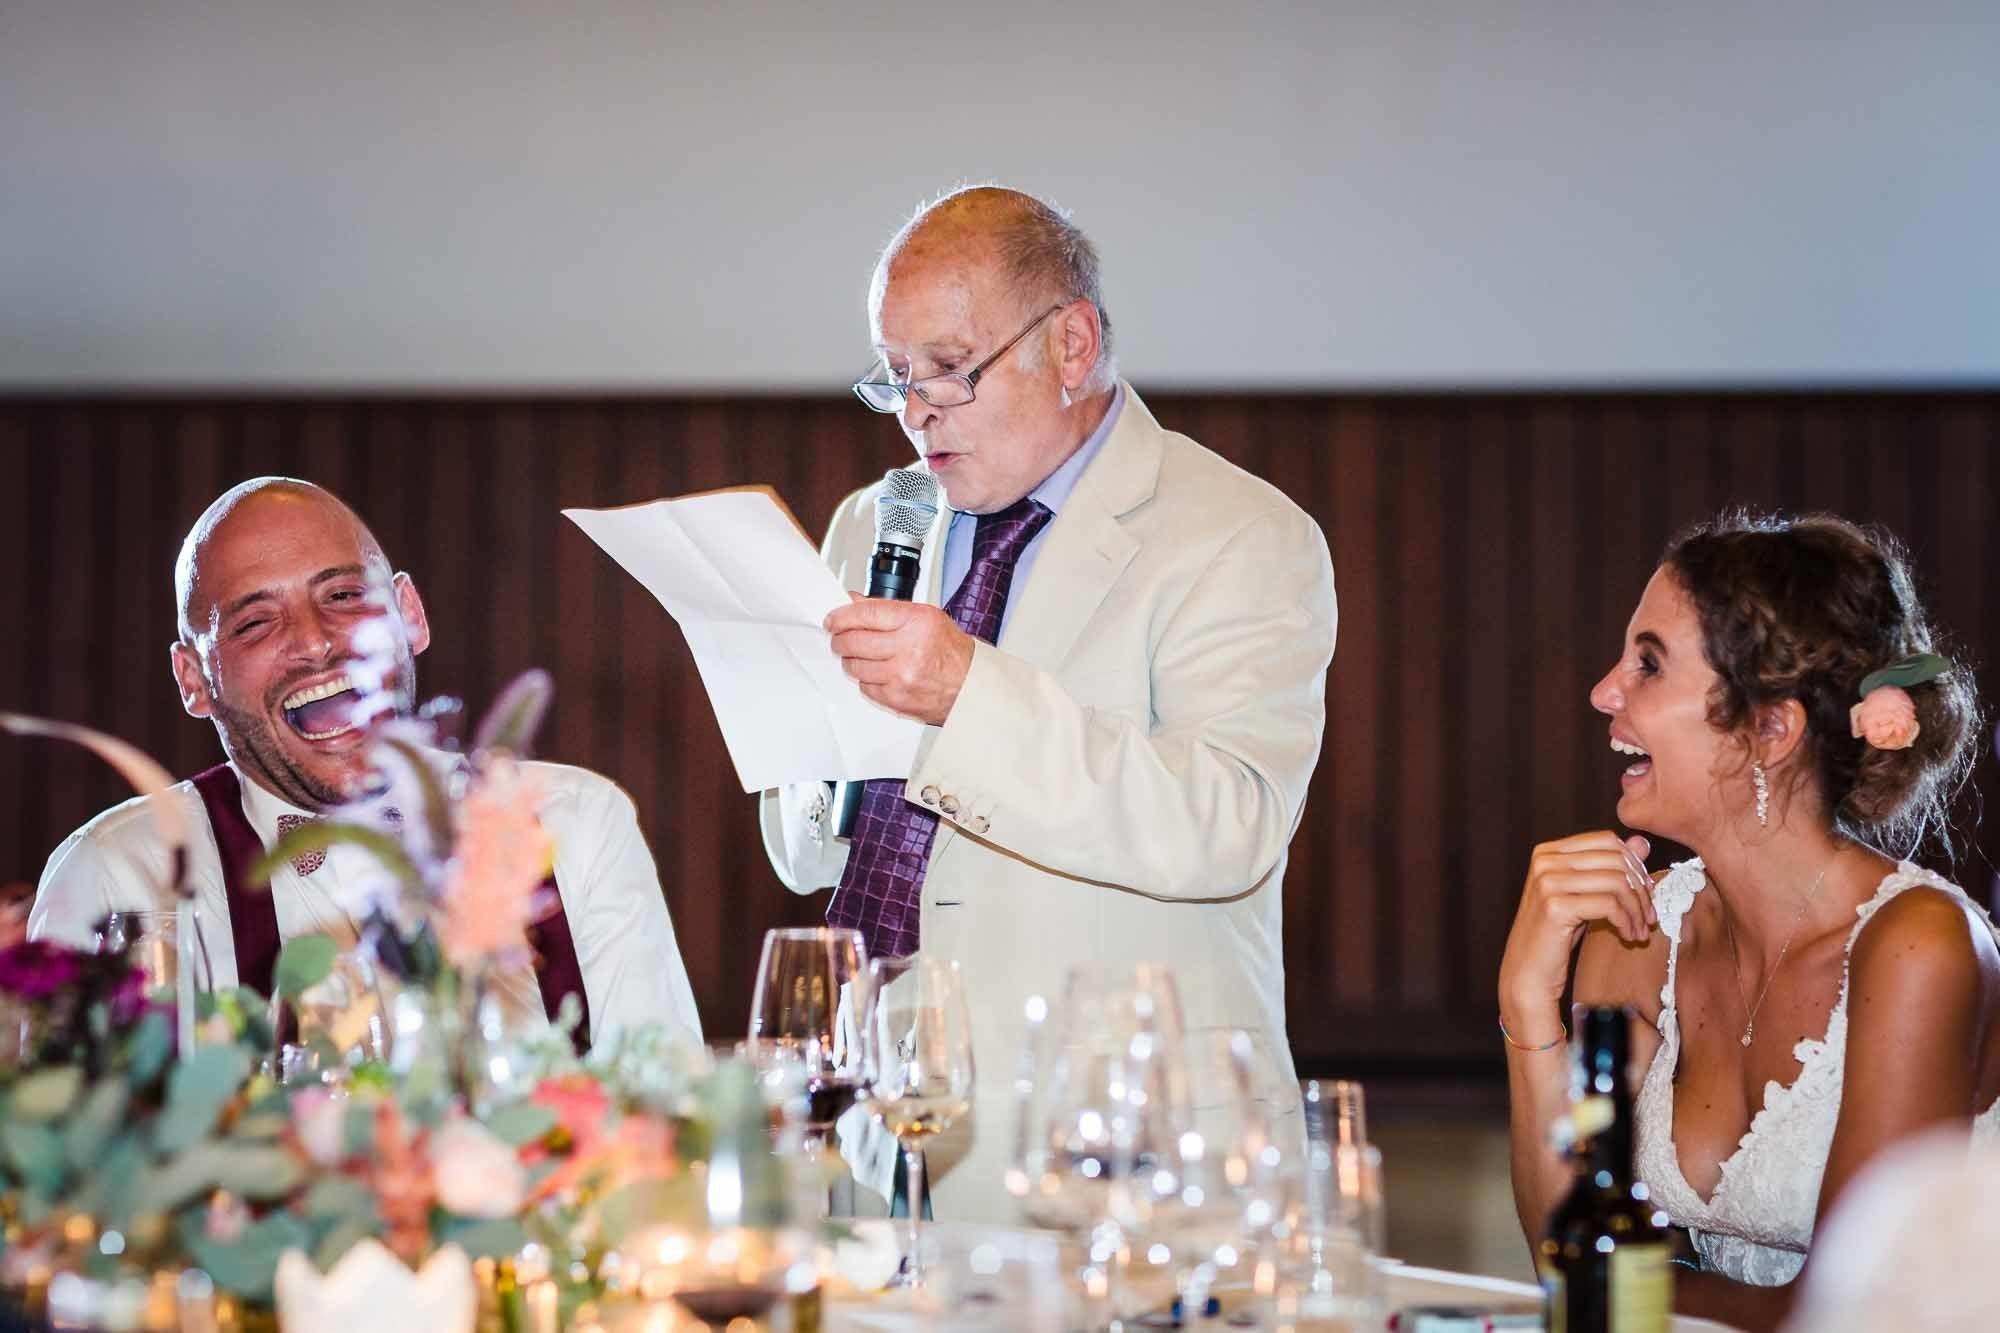 Gast hält Rede und Brautpaar lacht